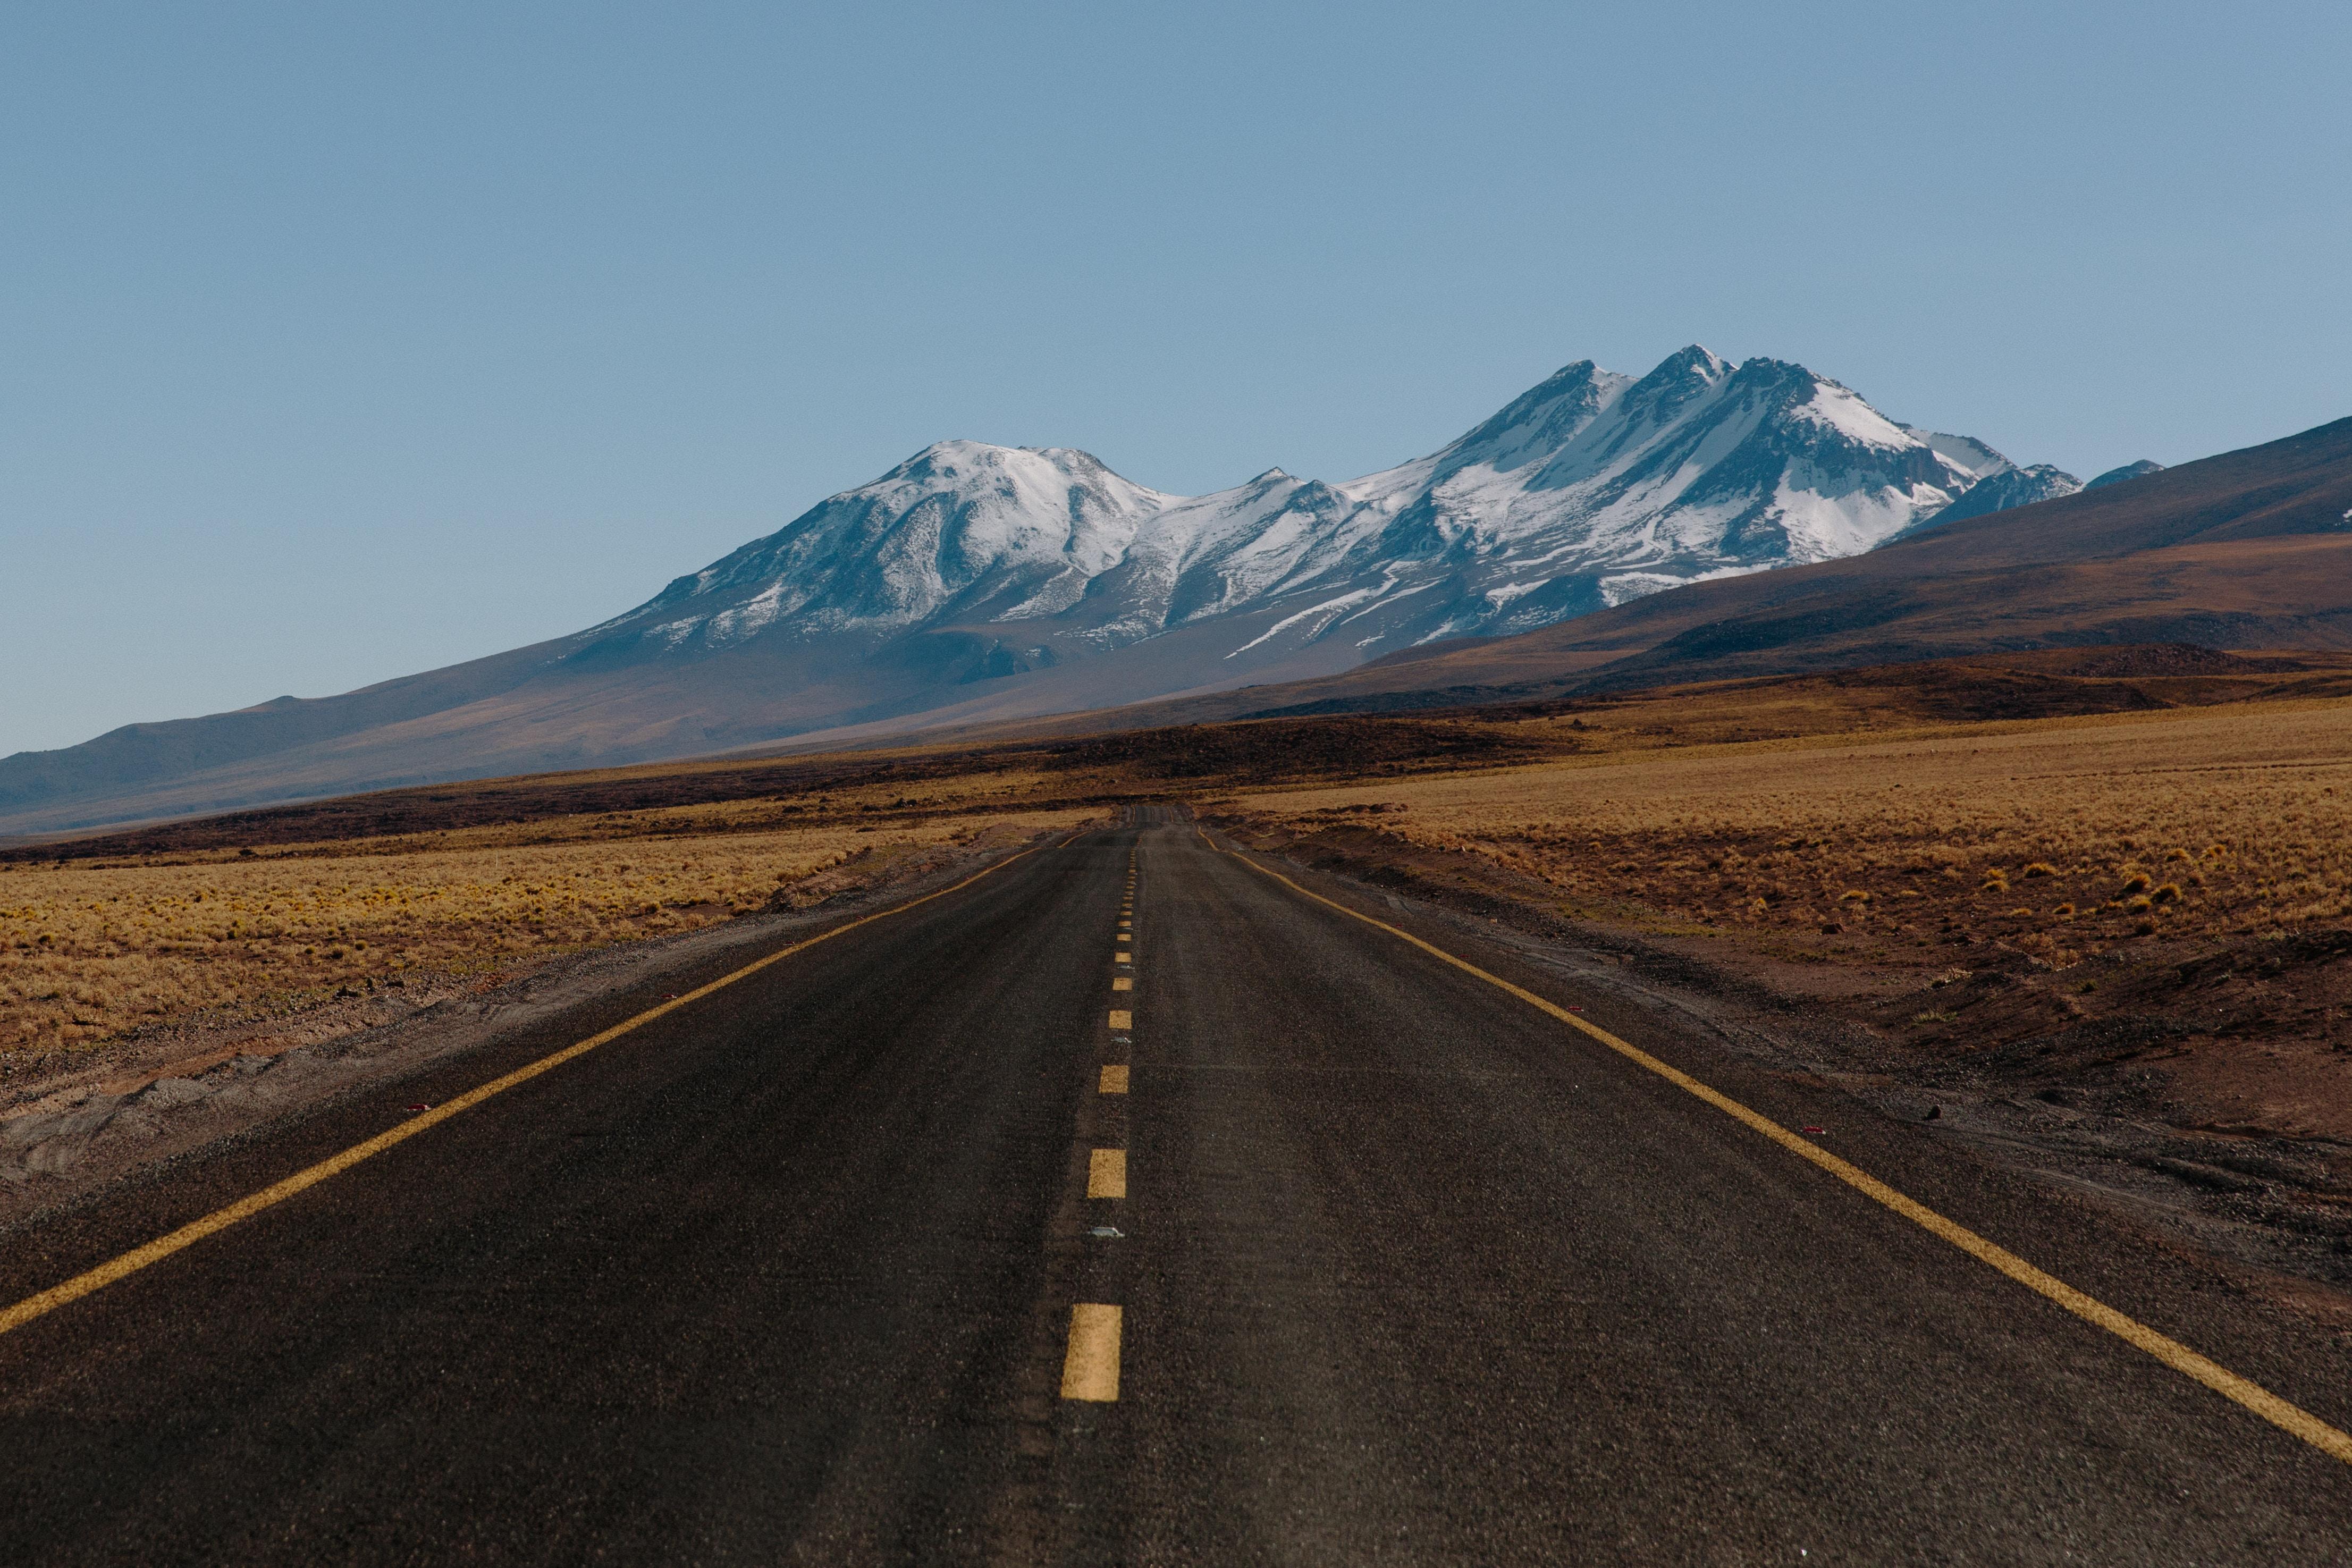 black asphalt road and mountain landscape